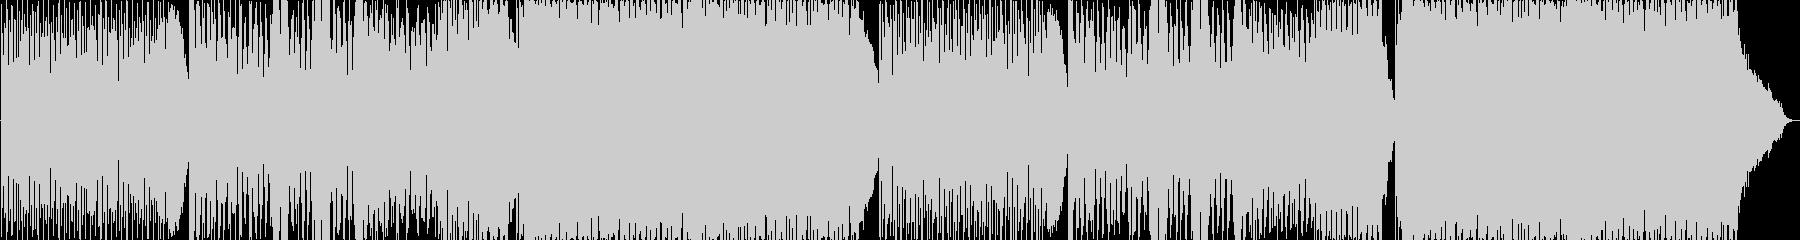 クール・スタイリッシュ・かっこいいEDMの未再生の波形